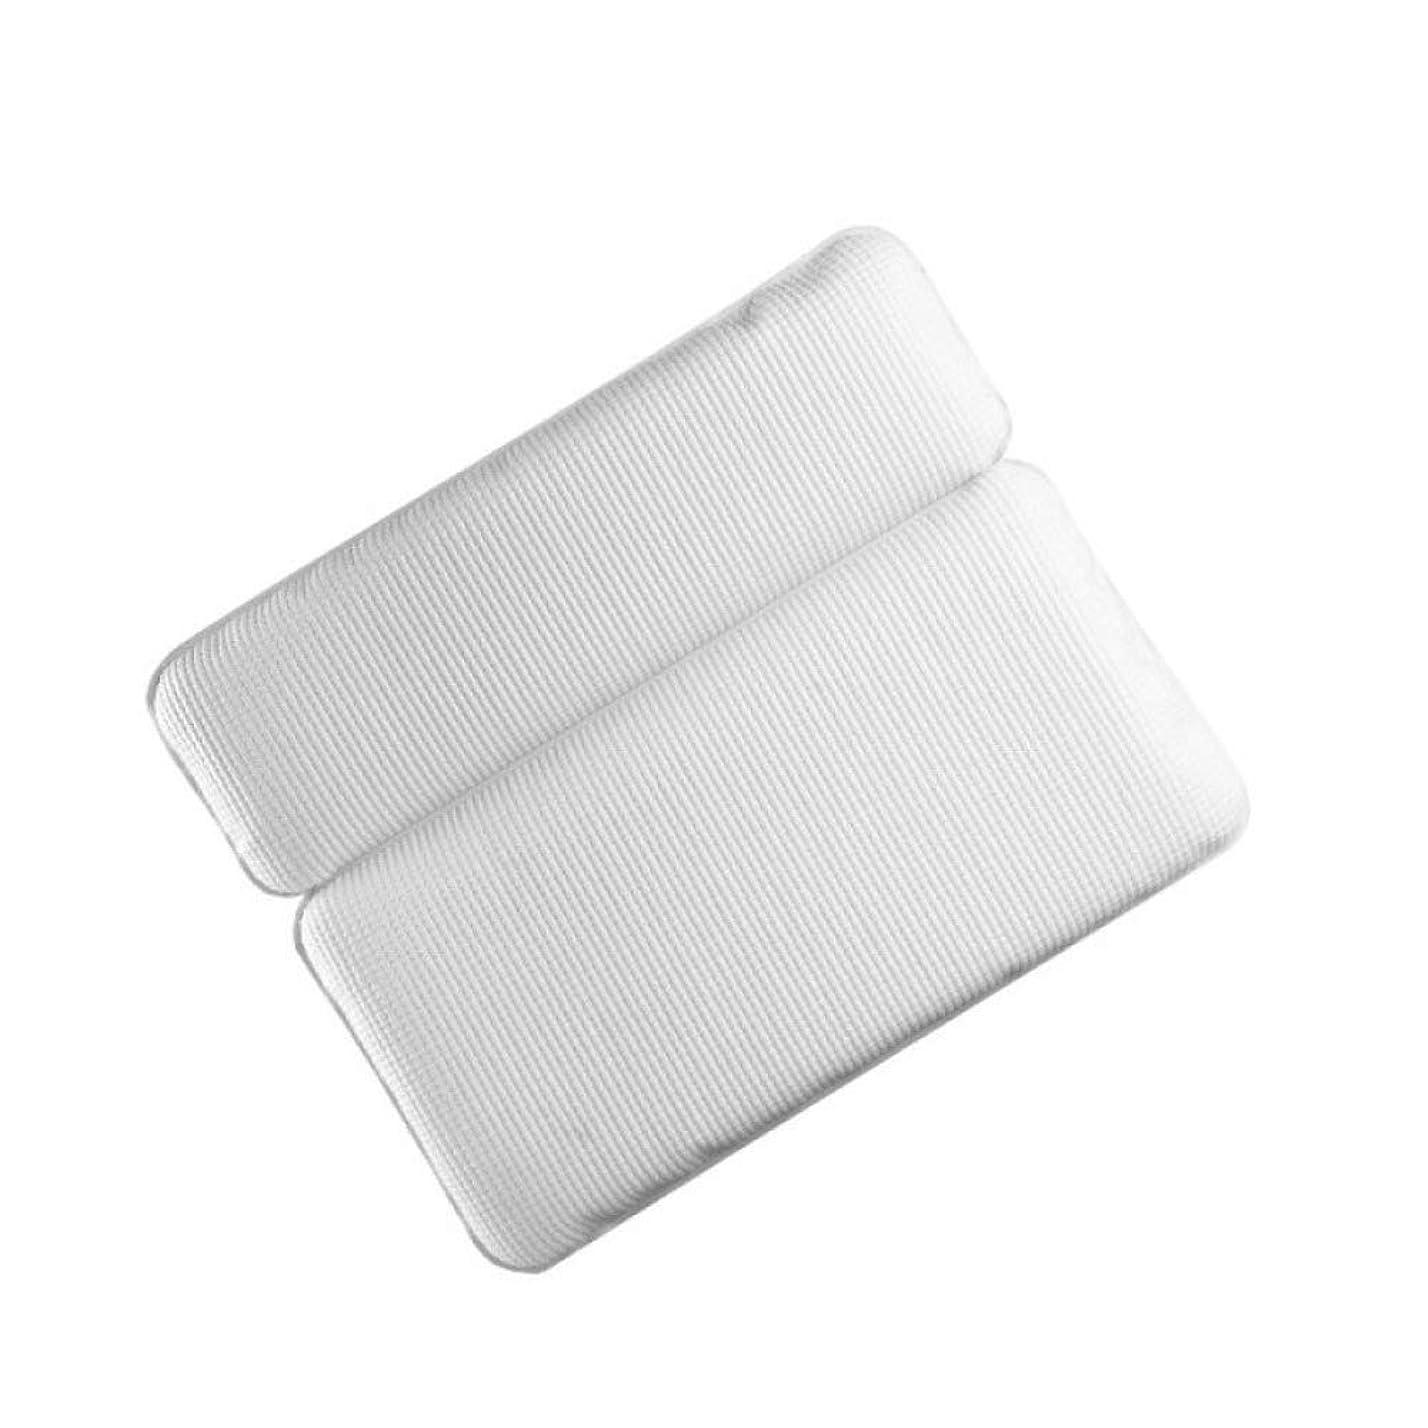 オーバーヘッド説得投資するLMCLJJ 頭、首、肩、背中をサポートする高級スパ用バスピロー滑り止め、極厚、ソフト滑り止めサクションカップ付き、究極のリラクゼーション体験のためにあらゆる浴槽にフィット (Color : White)